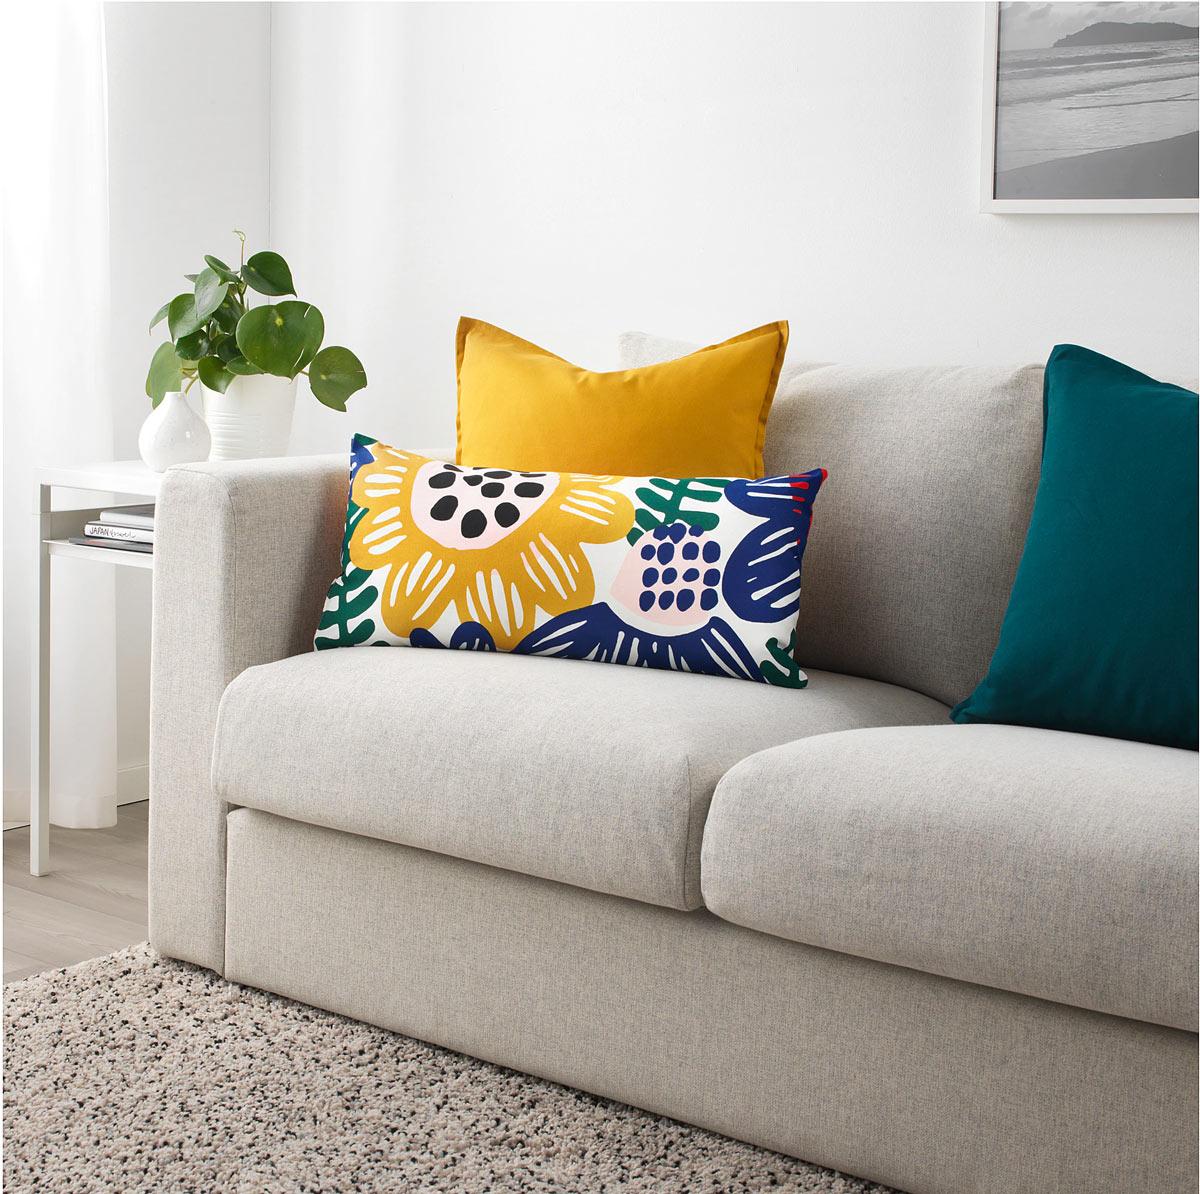 Cuscino IKEA SOMMARASTER, ideale per abbellire il divano in primavera.